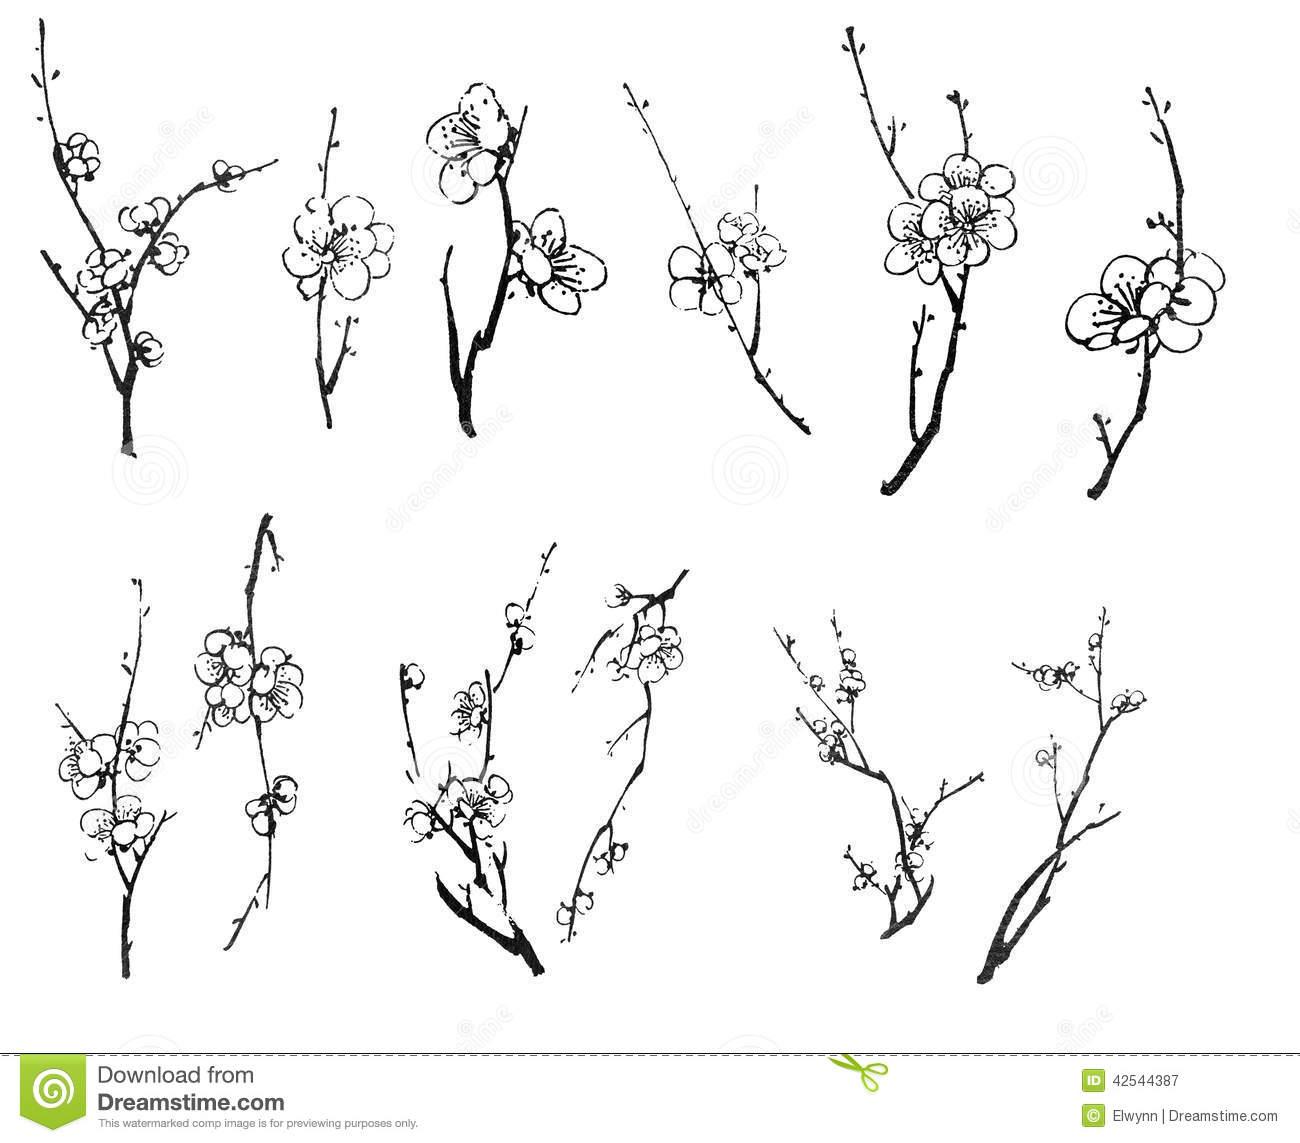 Giovana ramos transvestite